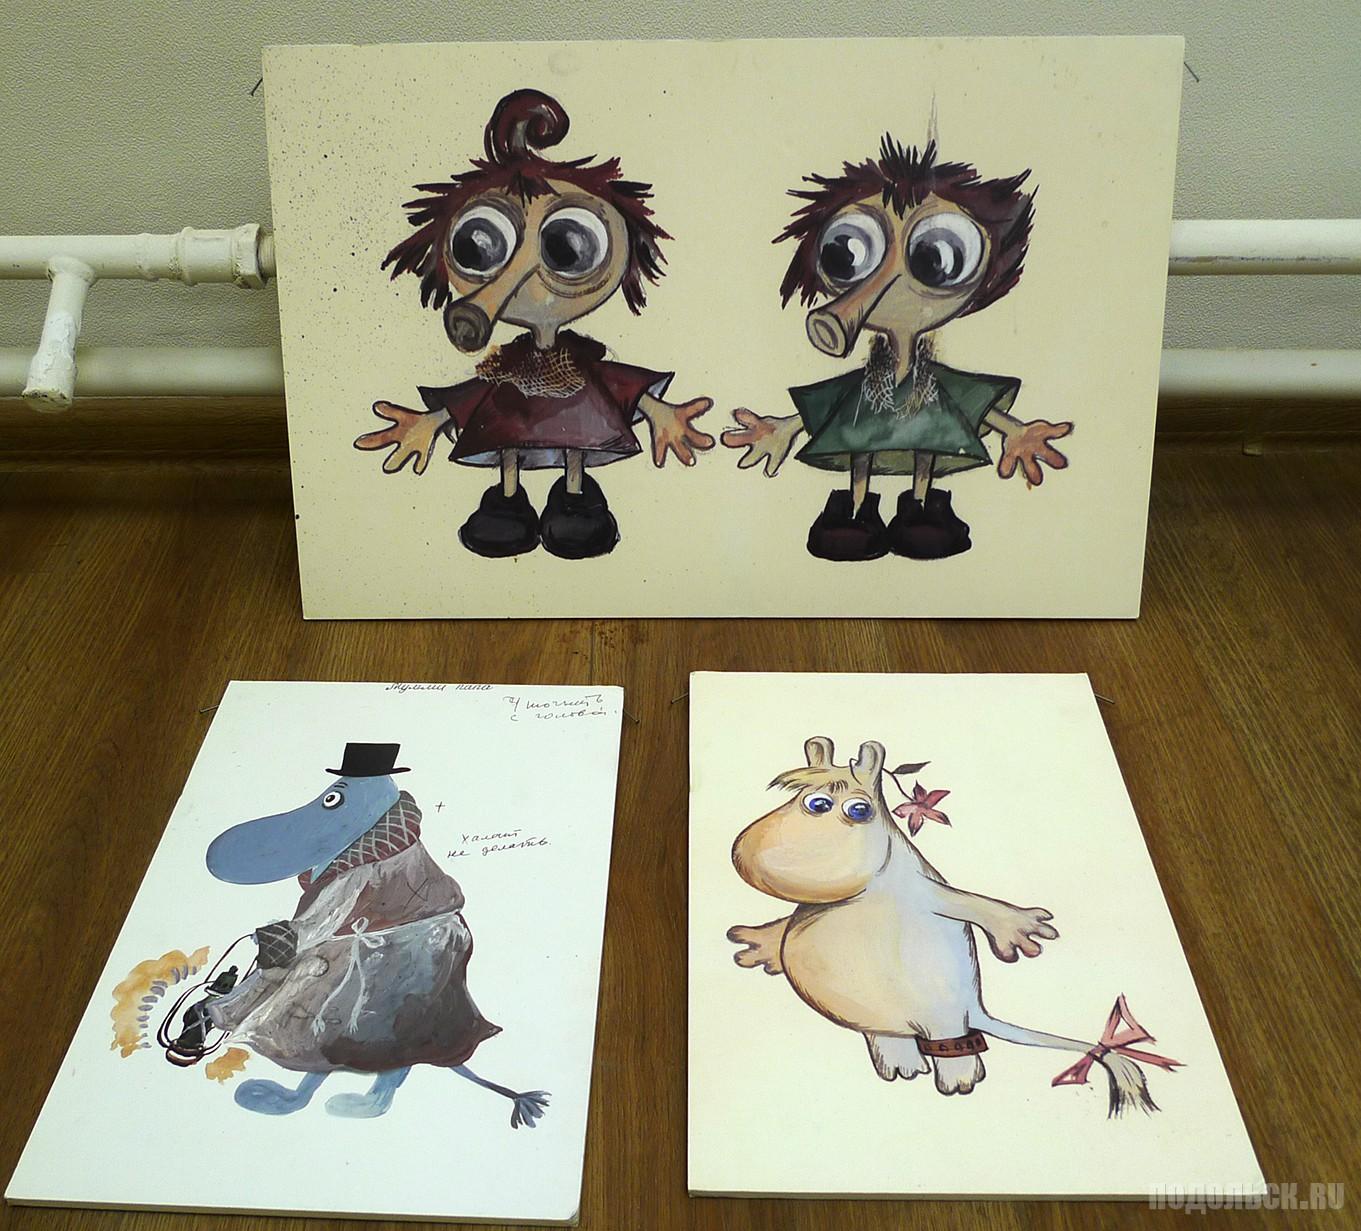 Эскизы знаменитых советских мультфильмов — на выставке в Подольске. Тофсла и Вифсла, Хемуль, Снорк.